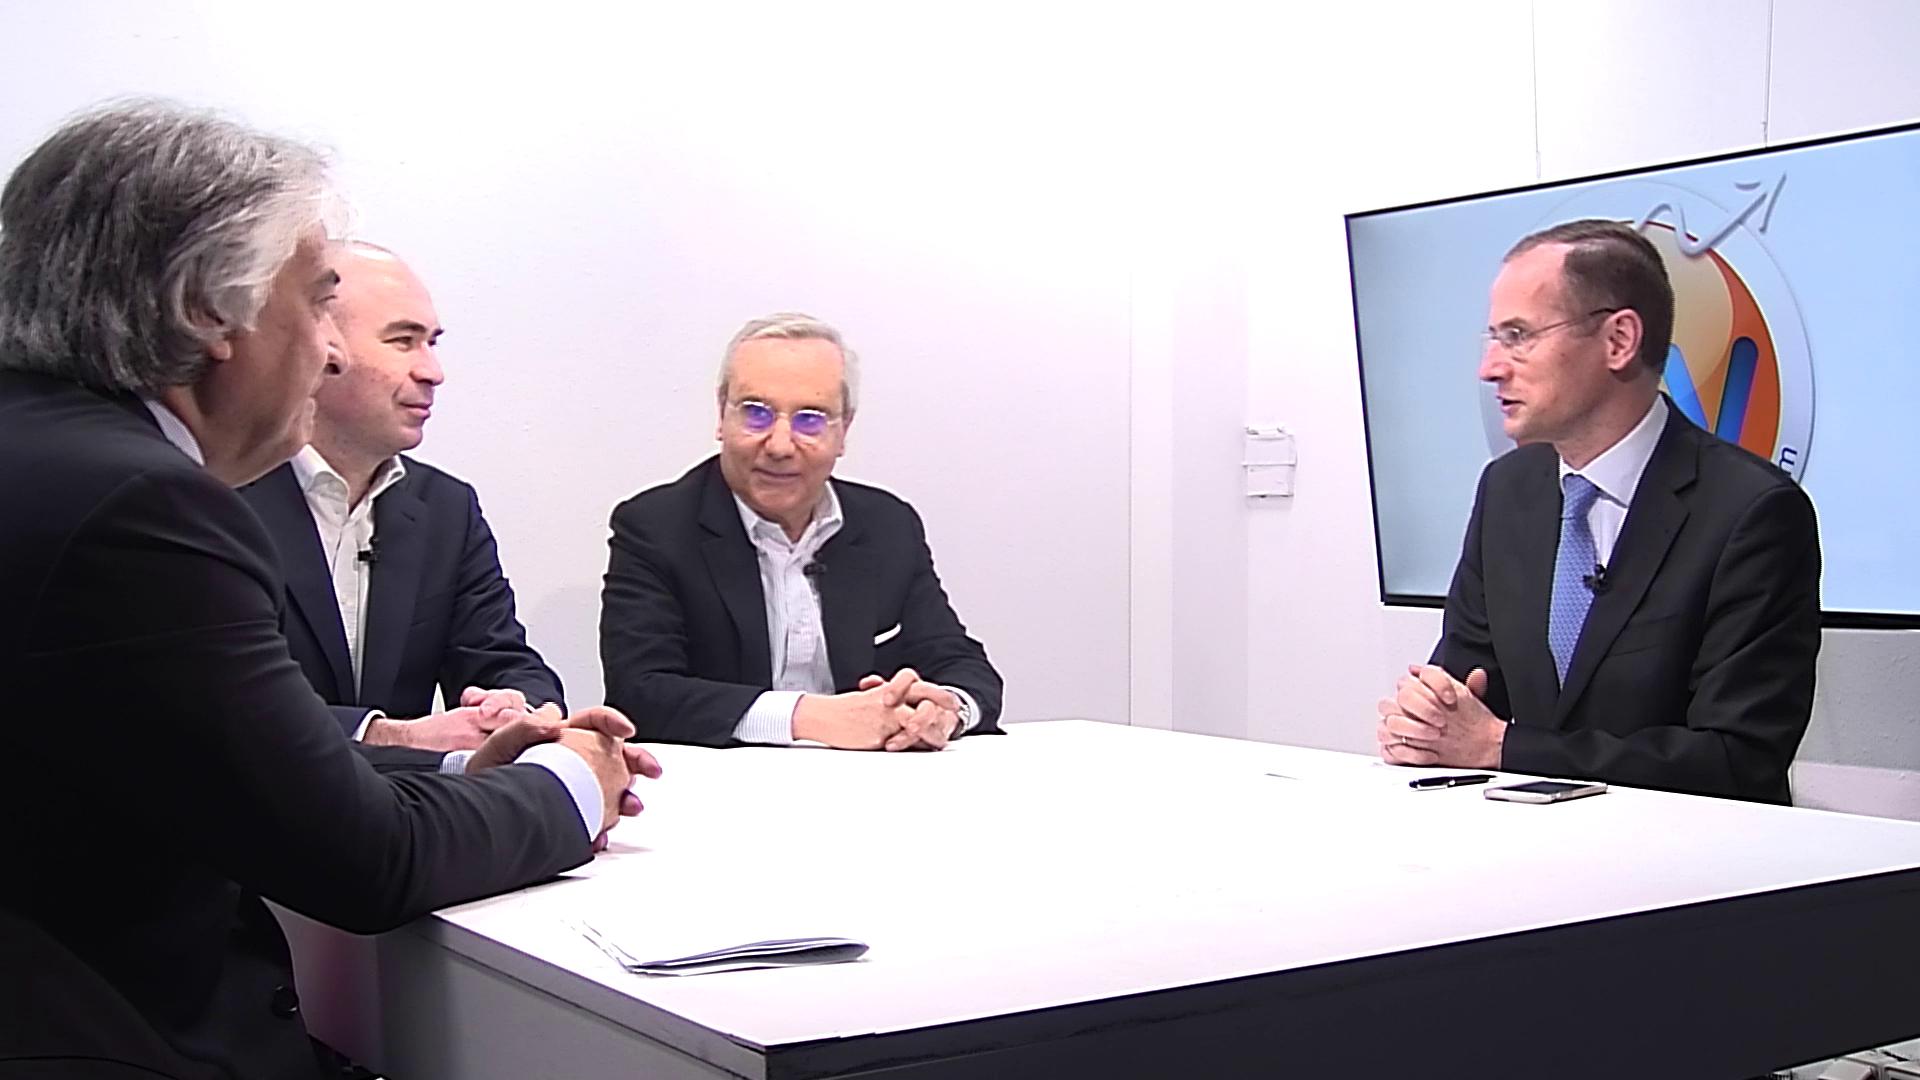 Bourse, Avis d'experts, l'émission pour un débat stratégie d'investissement (2ème partie)